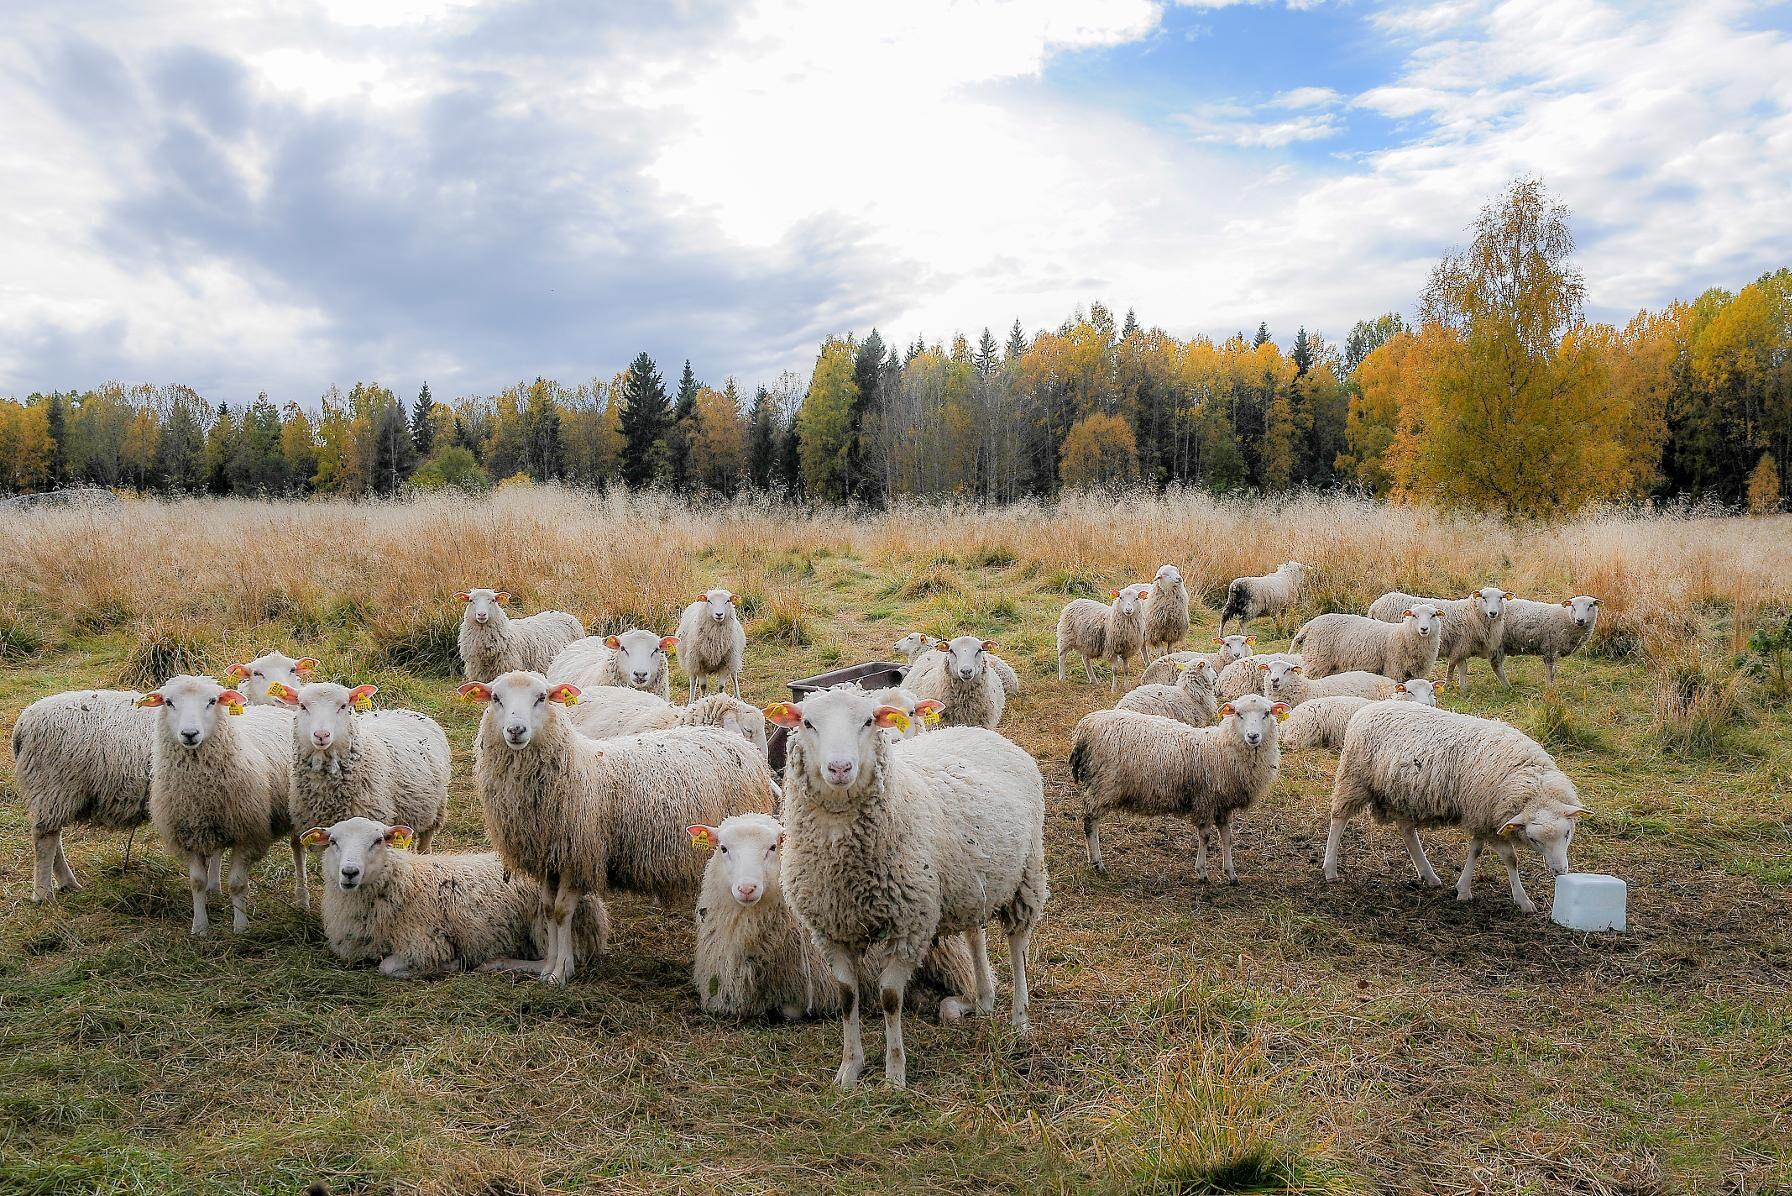 Varje år betalar länsstyrelsen ut 2,5 miljoner kronor i ersättning till lantbrukare till följd av rovdjursangrepp.